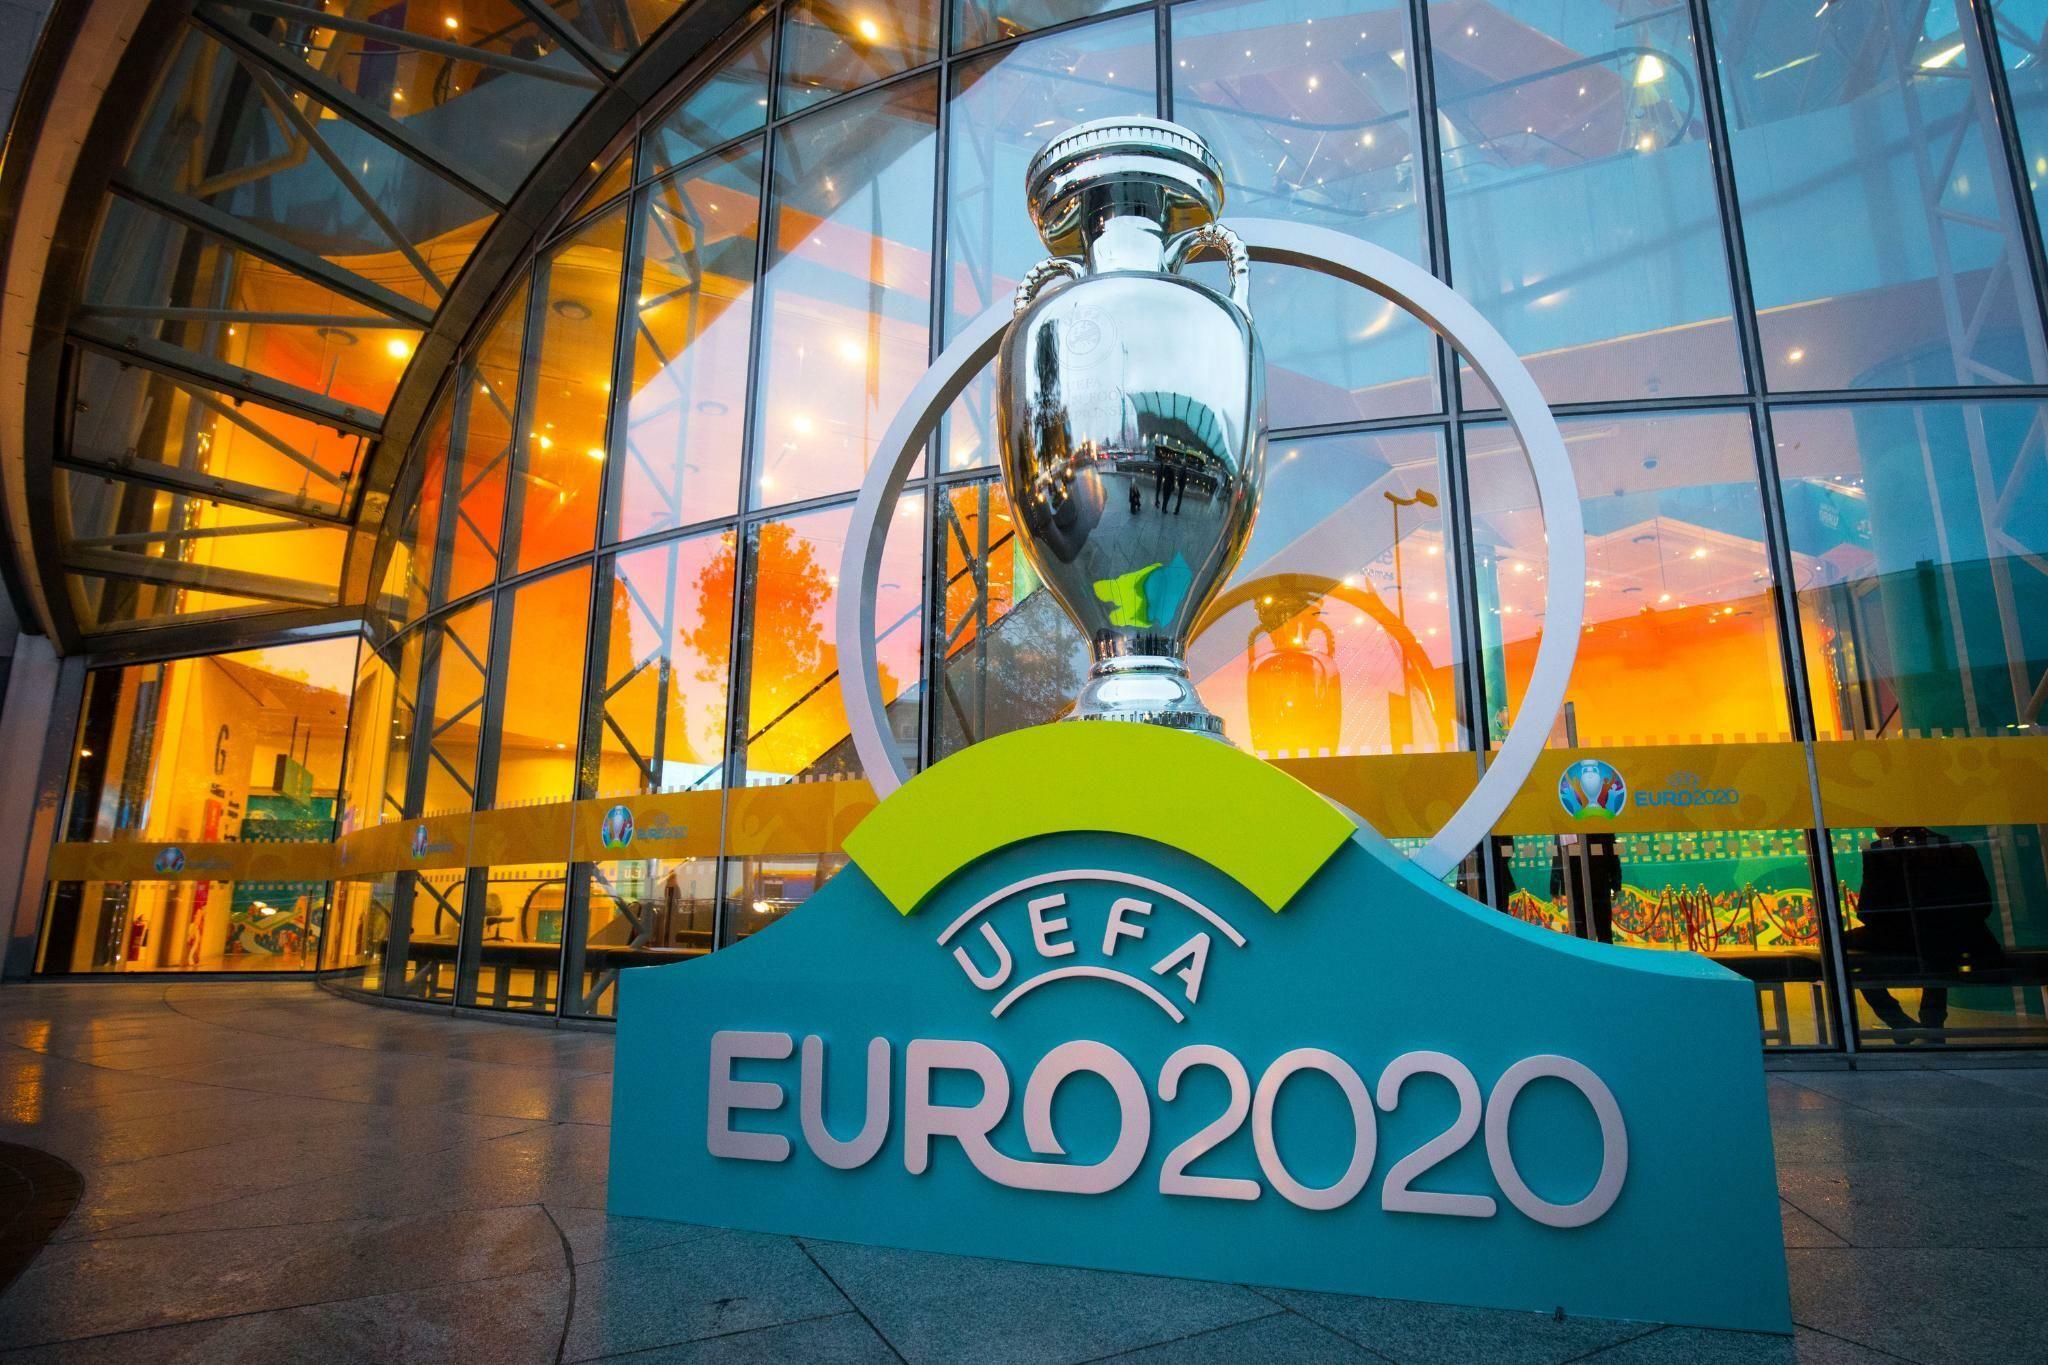 Успеет ли «Метрострой» открыть станцию «Зенит» к Евро-2020